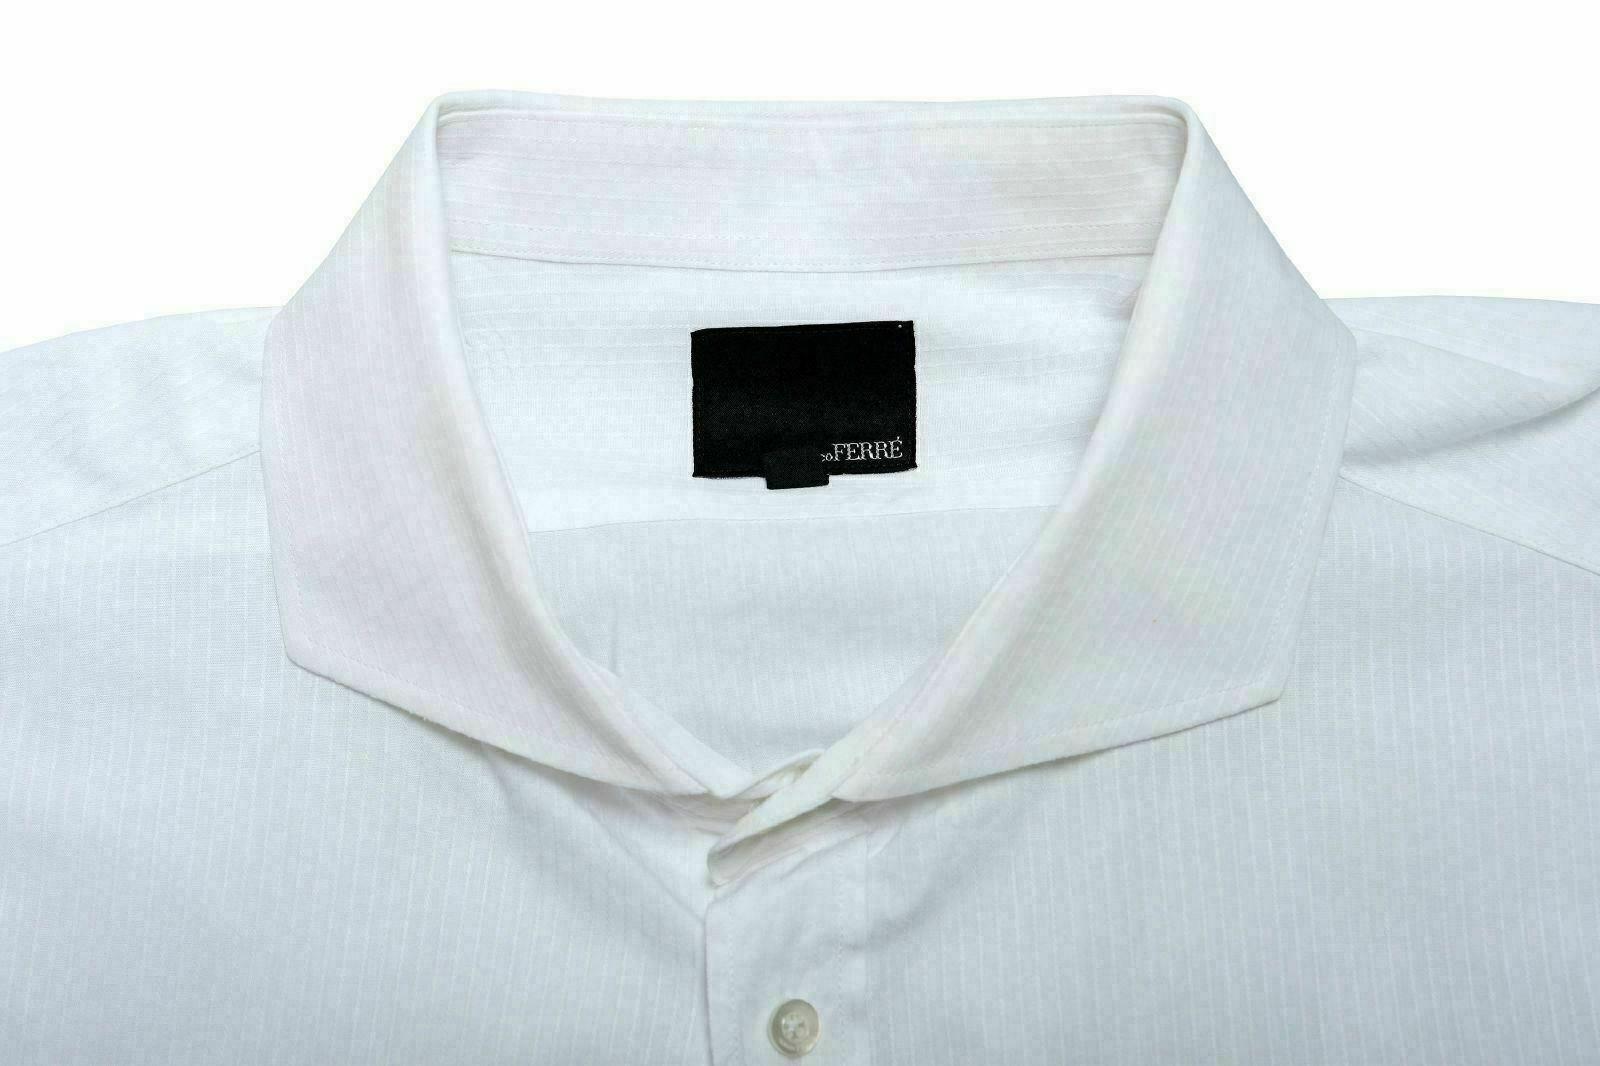 Gianfranco Ferre Weiß Weiß Weiß Herren Knöpfe Langärmeliges Kleid Hemd Us 18   New Product 2019  dd64a2